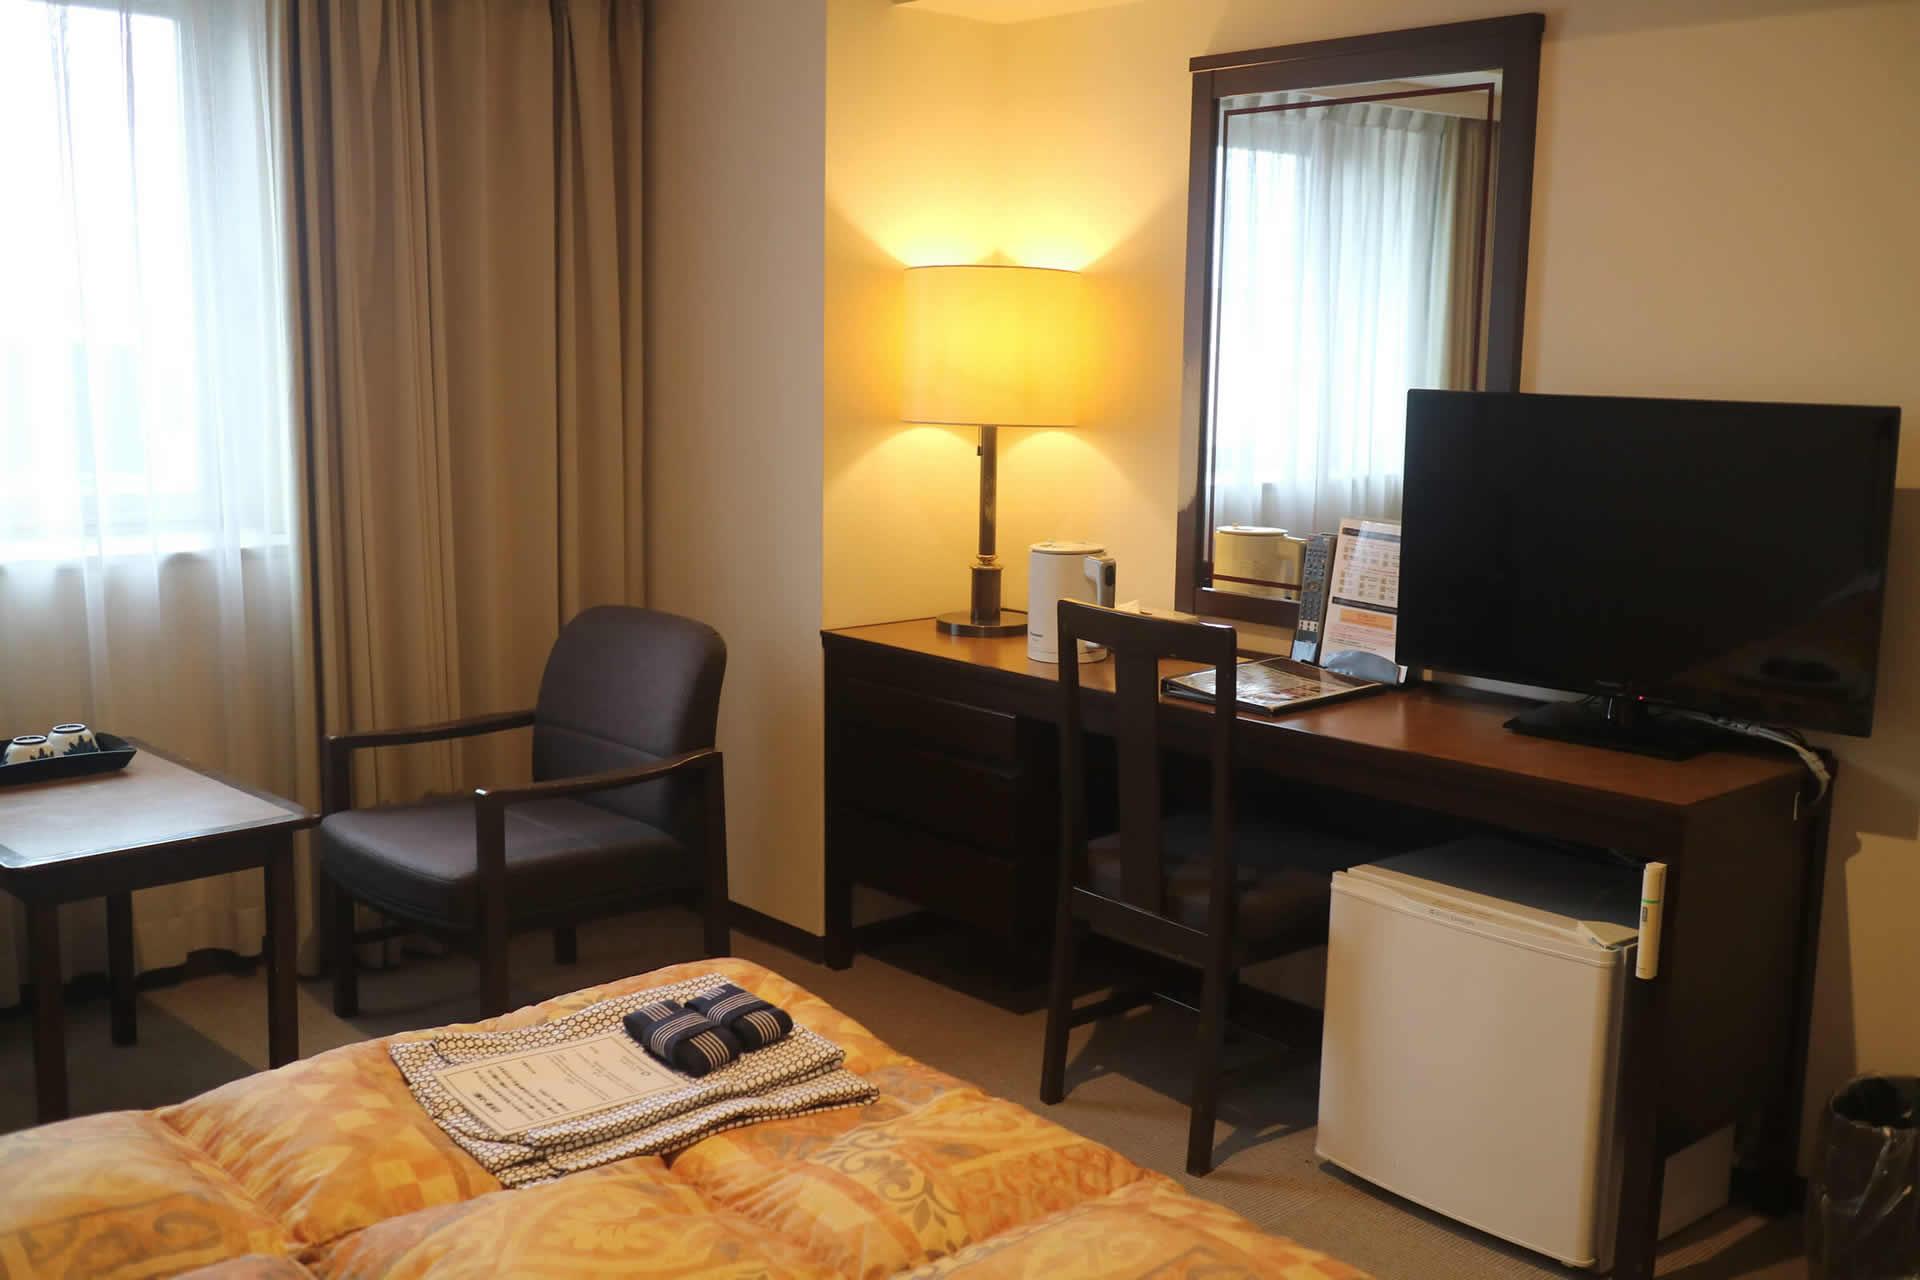 客室のご案内【公式】ホテル金沢|金沢のご宿泊ブライダル